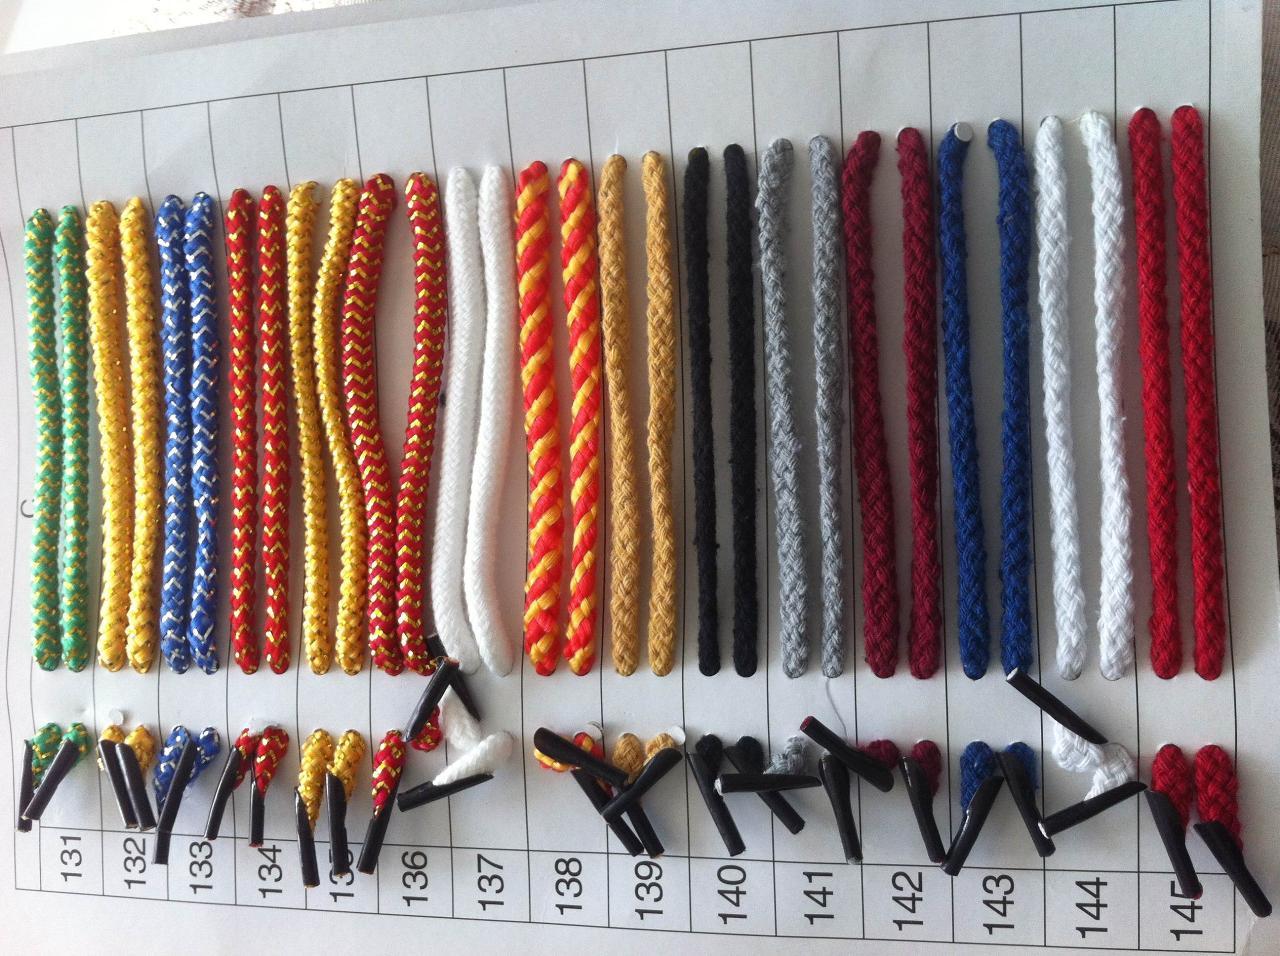 七彩织带,美丽传承;各种包装盒手提绳销售;